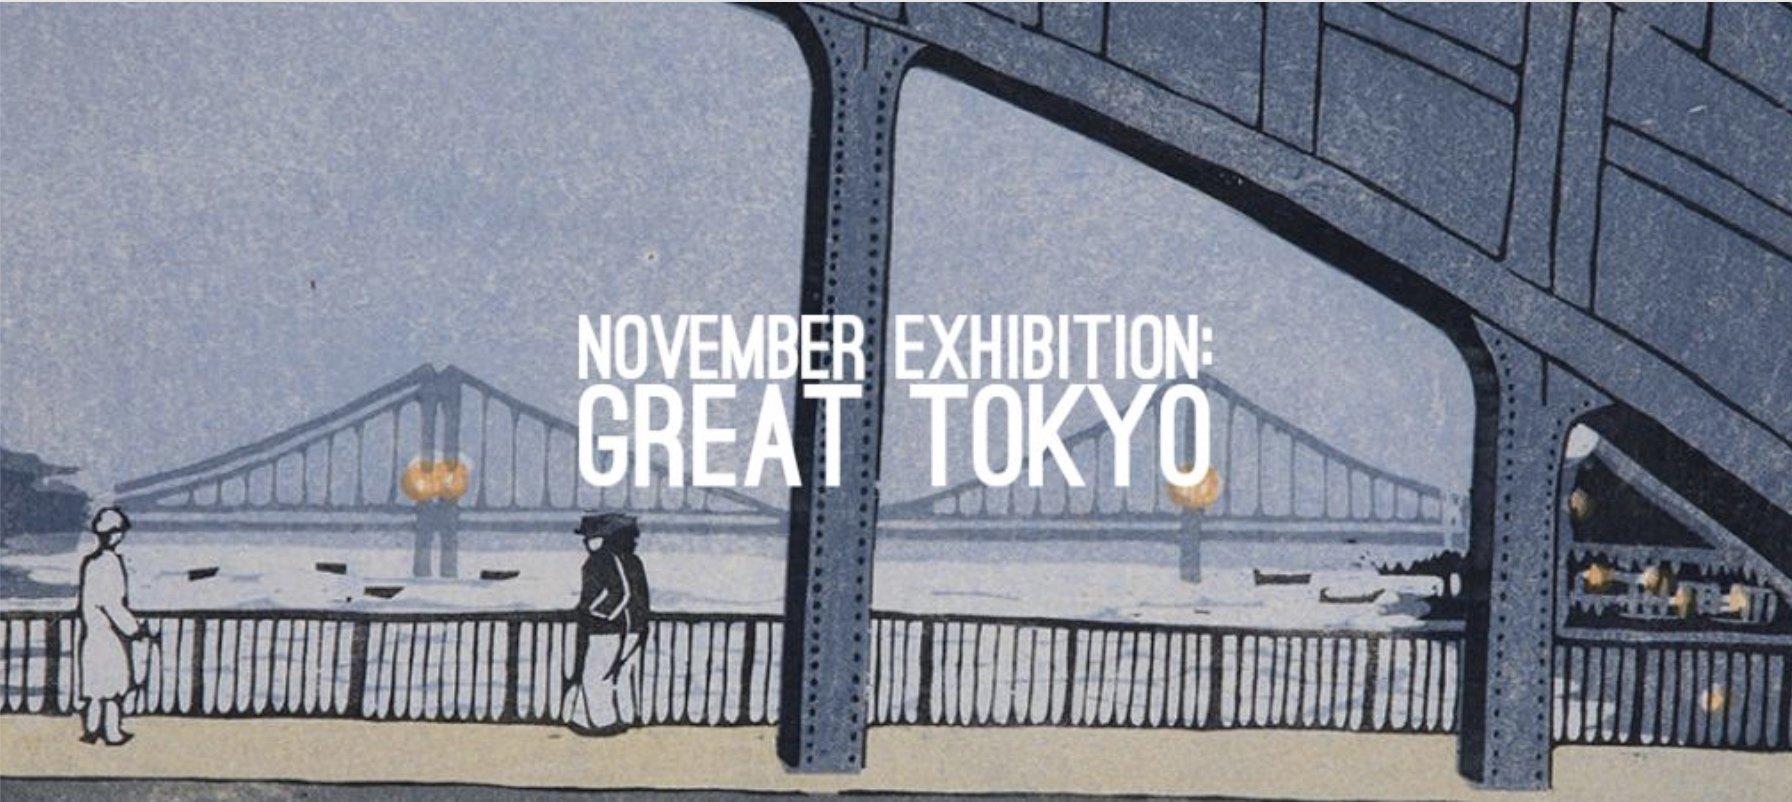 Honderd gezichten op Groter Tokyo